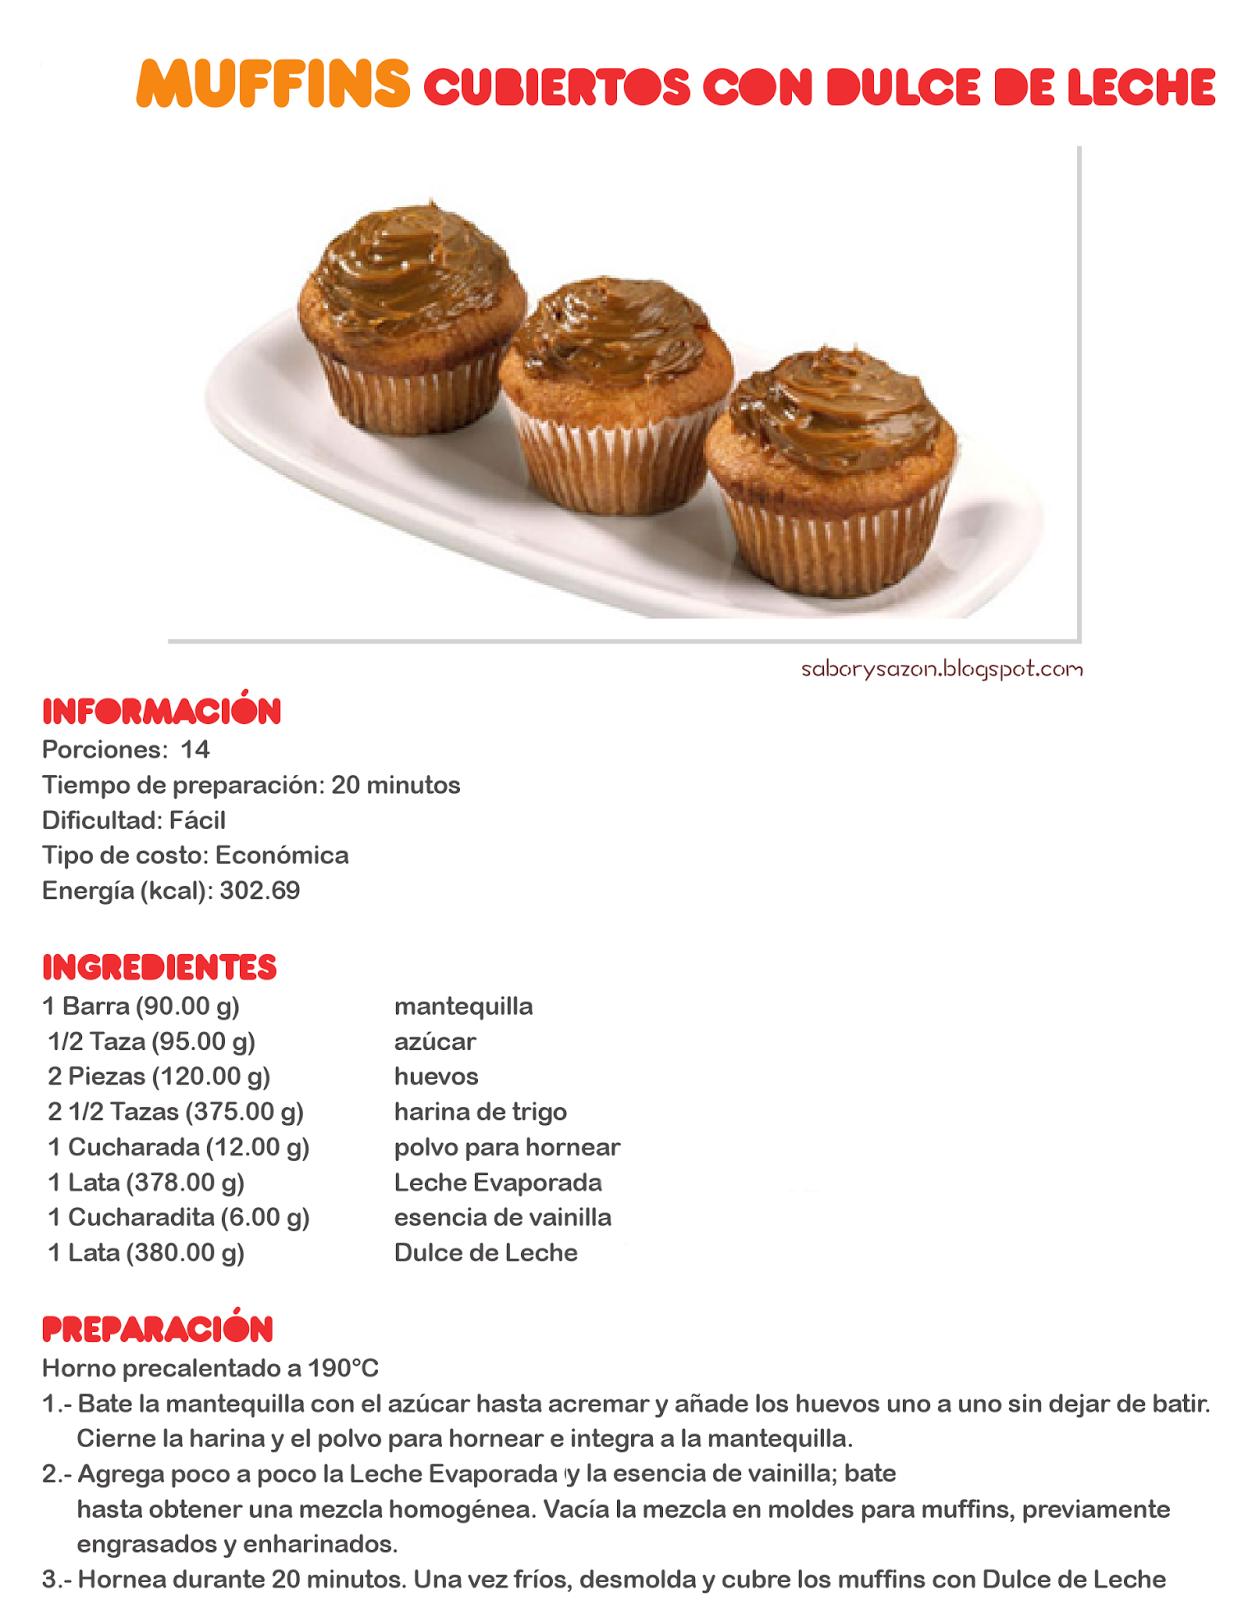 Como preparar muffins cubiertos con dulce de leche for Recetas de postres faciles